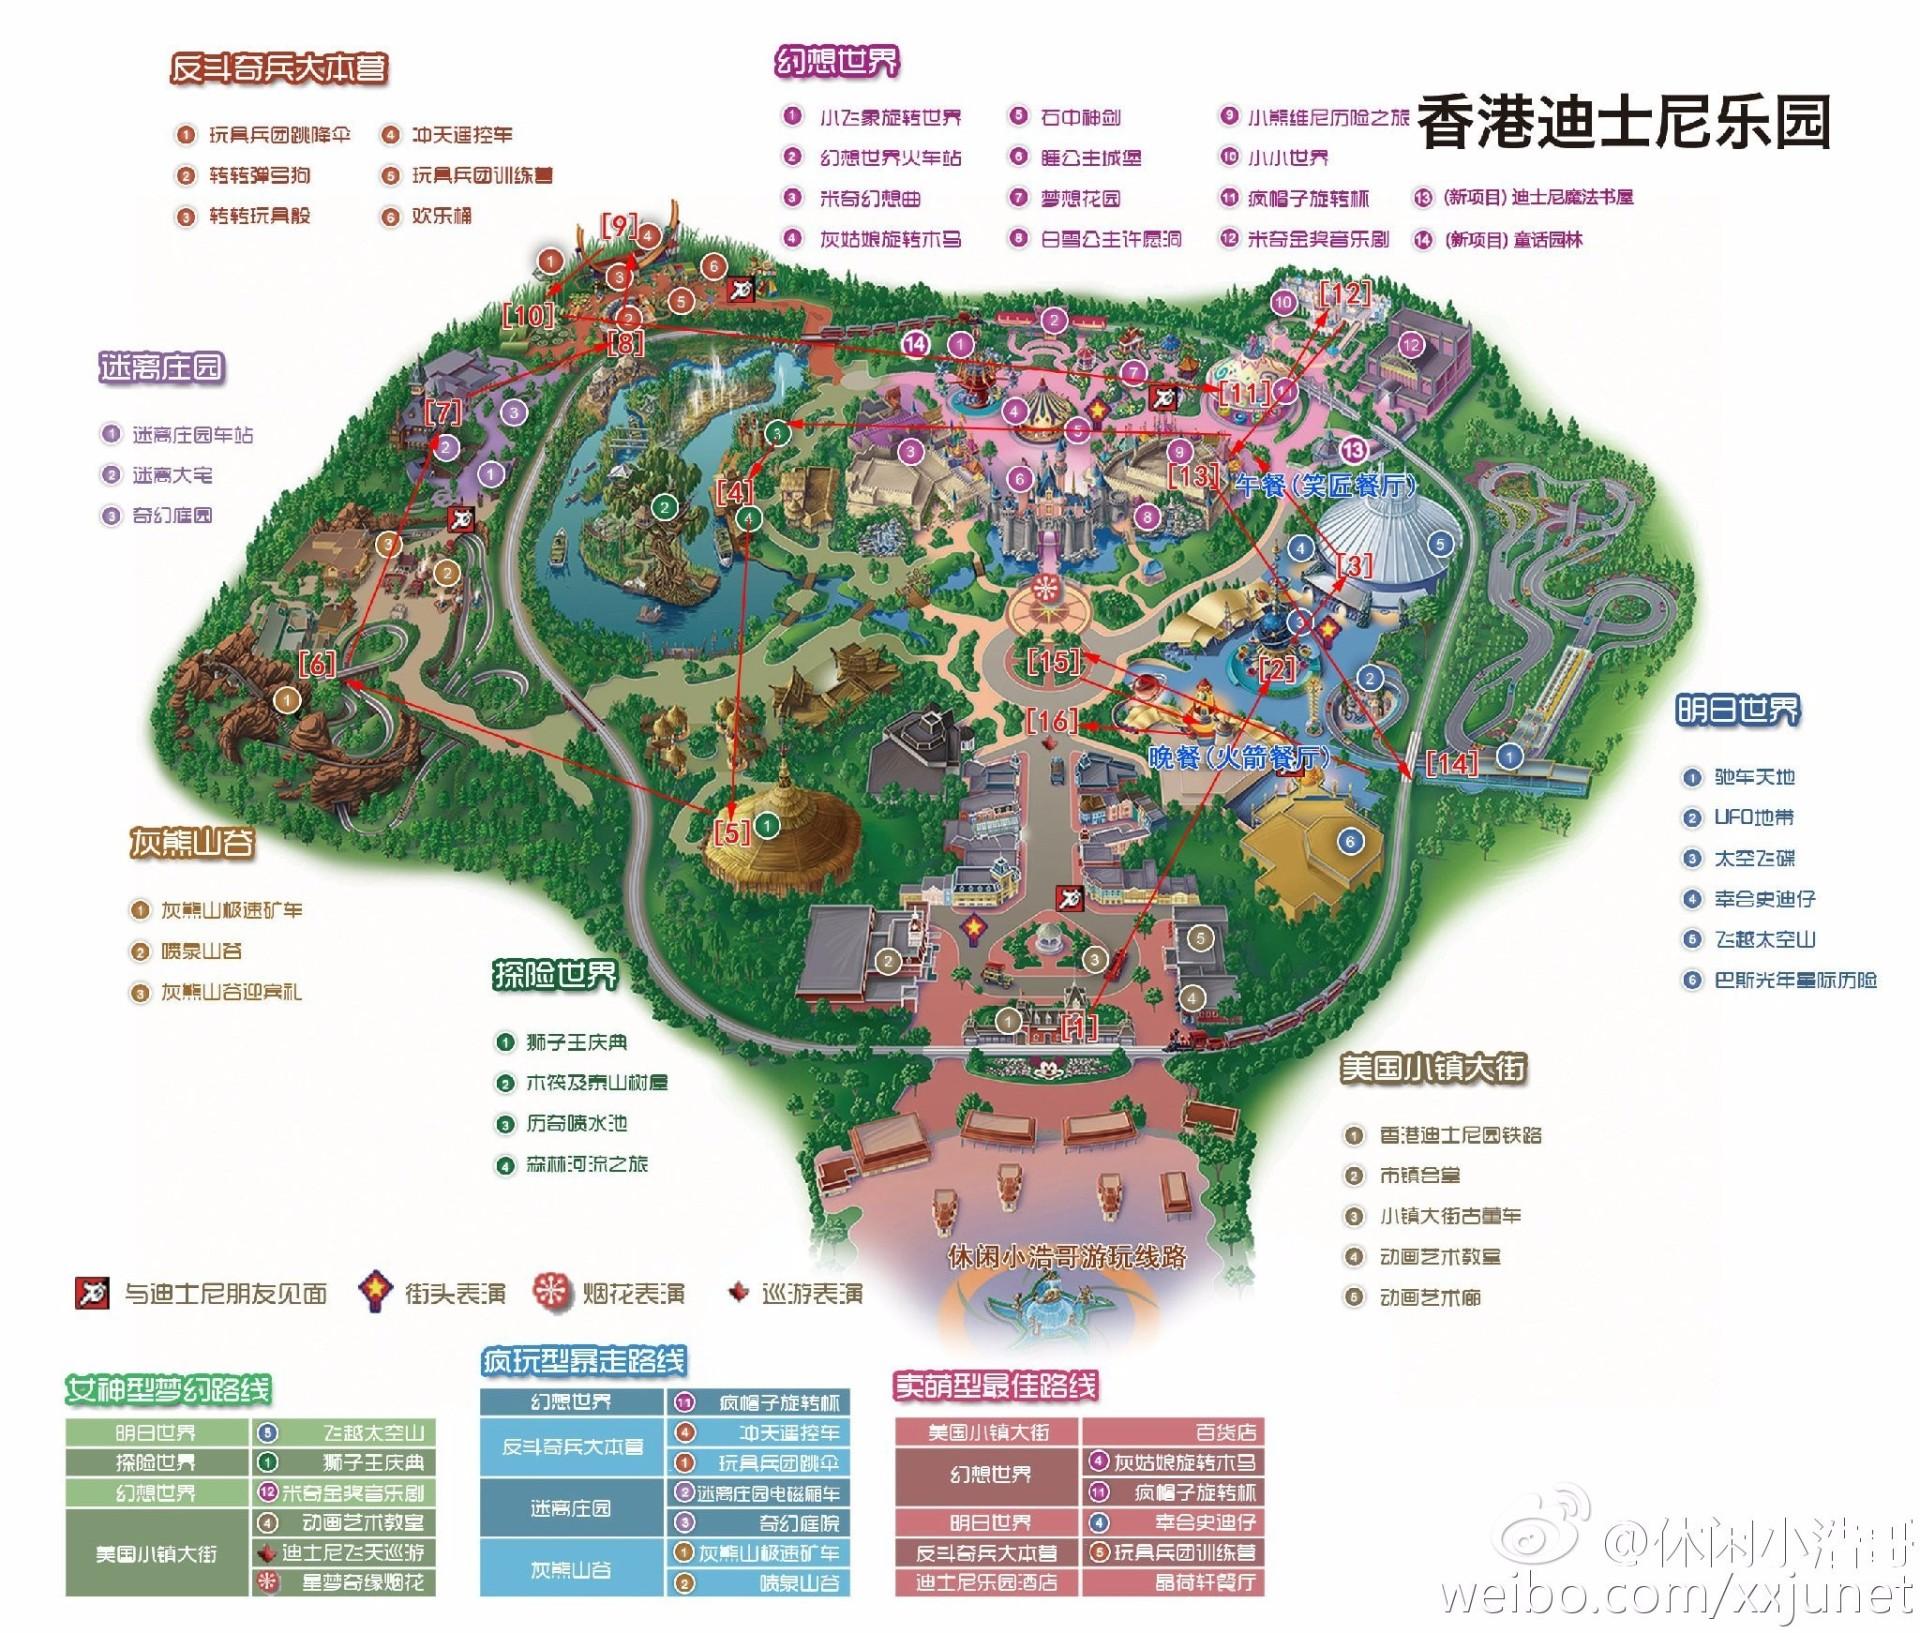 哪位有香港迪士尼的最新版电子地图?网上找了几个地图